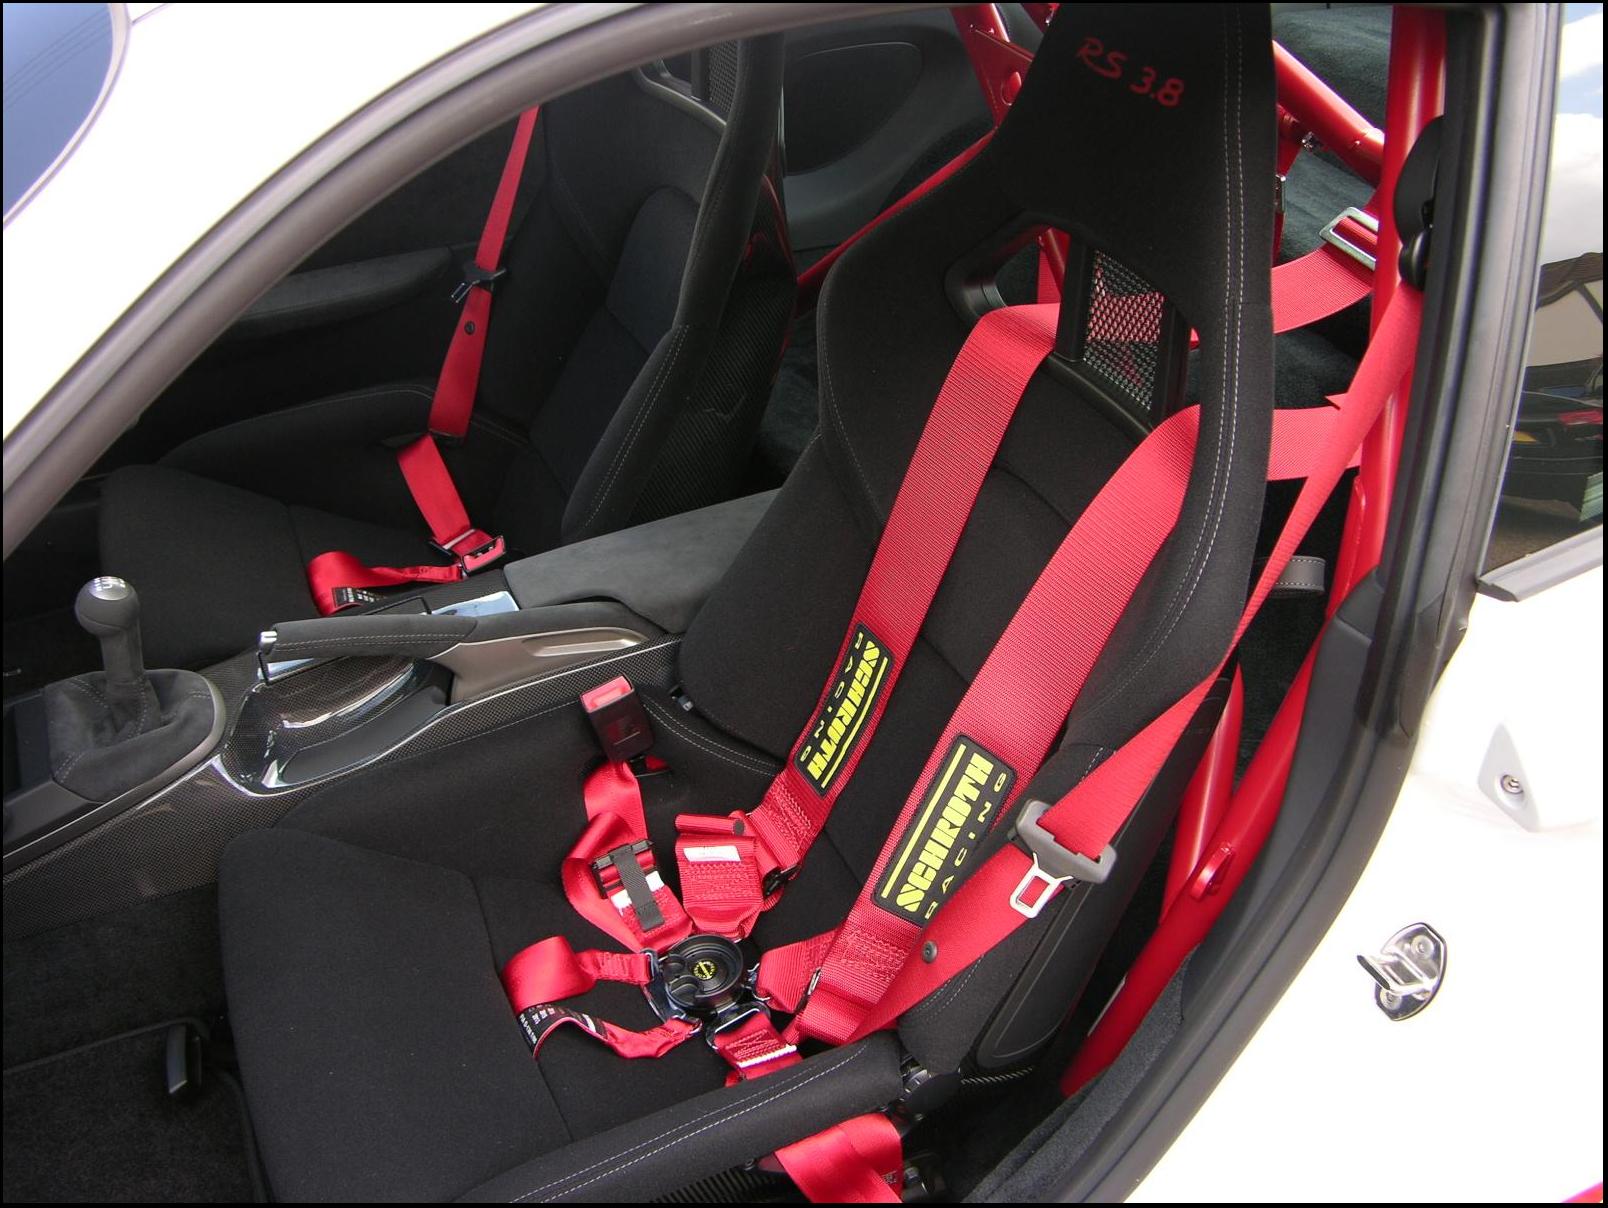 Le migliori caratteristiche di sicurezza per l'auto